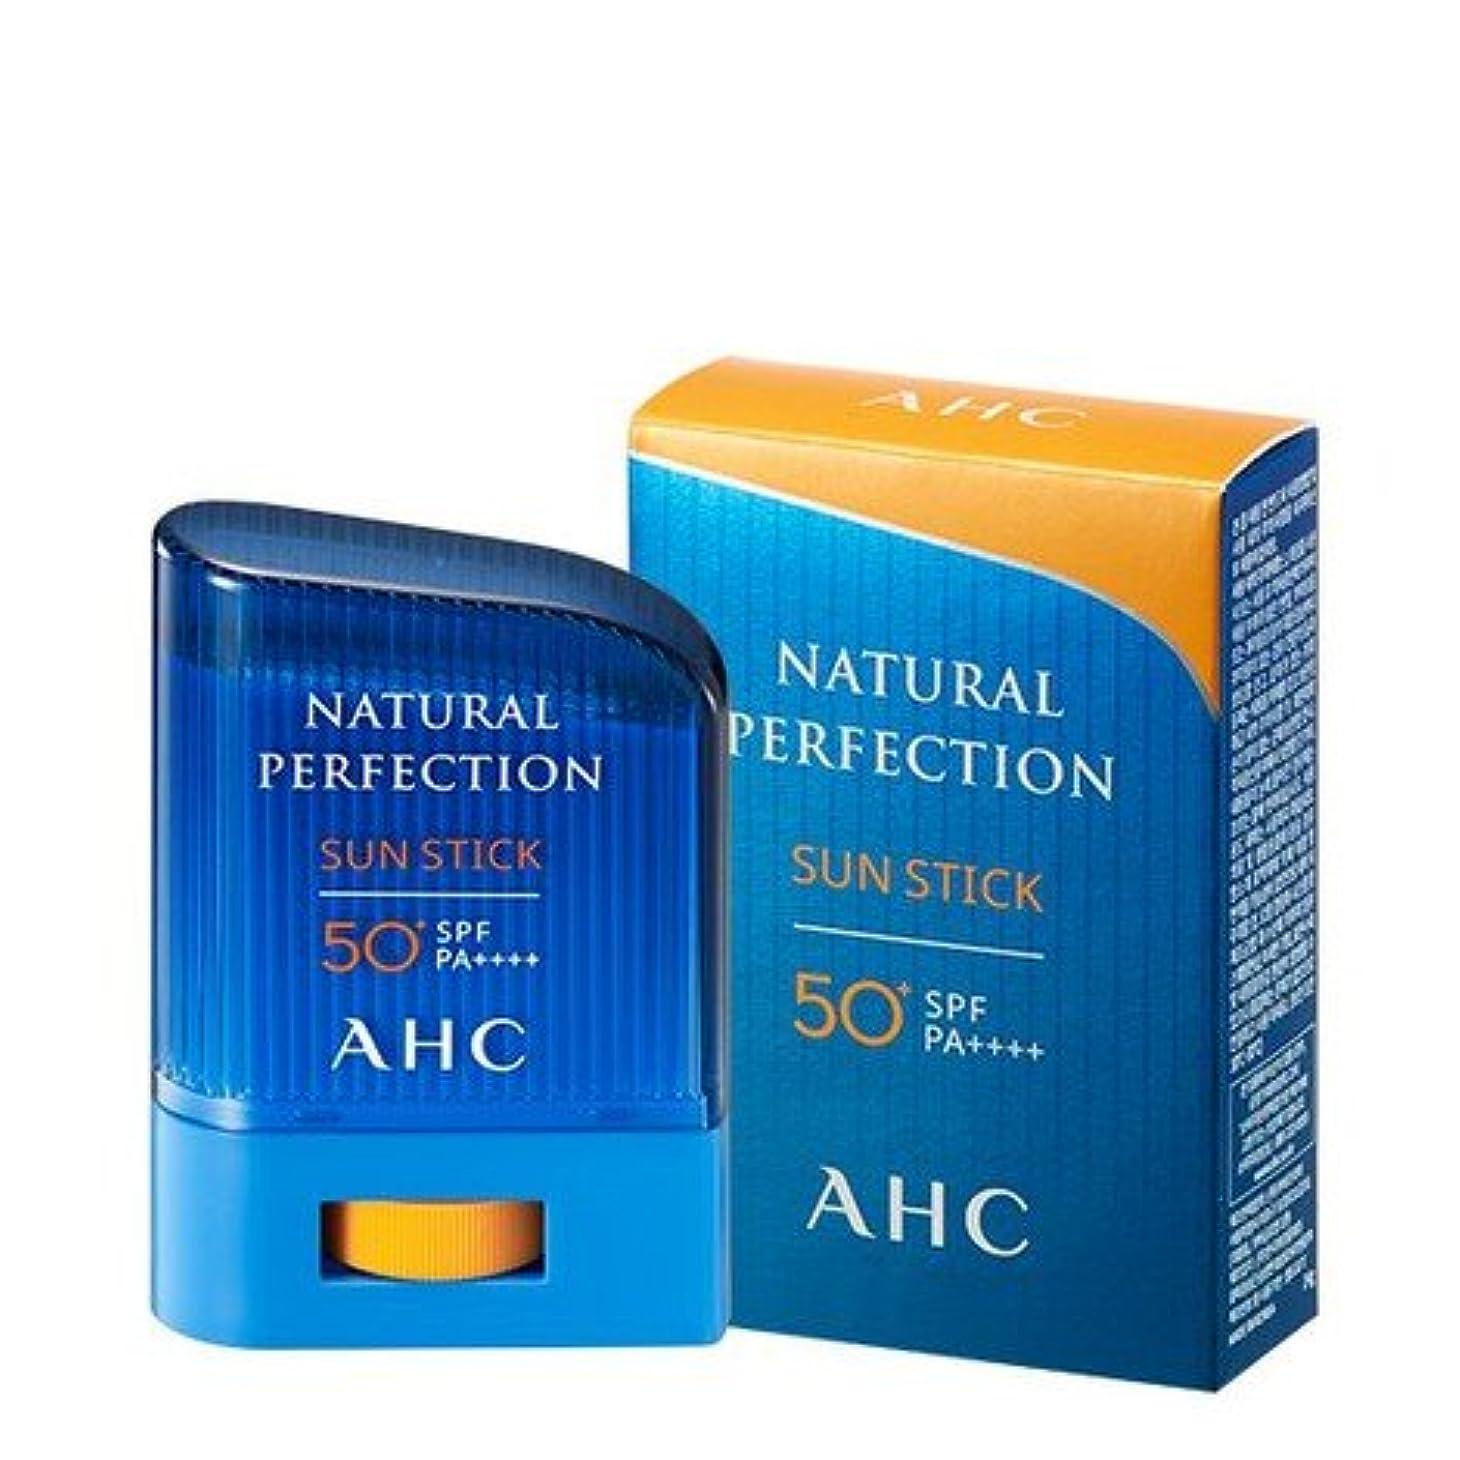 クスコ急降下菊[Renewal 最新] AHCナチュラルパーフェクション線スティック / AHC NATURAL PERFECTION SUN STICK [SPF 50+ / PA ++++] [並行輸入品] (22g)